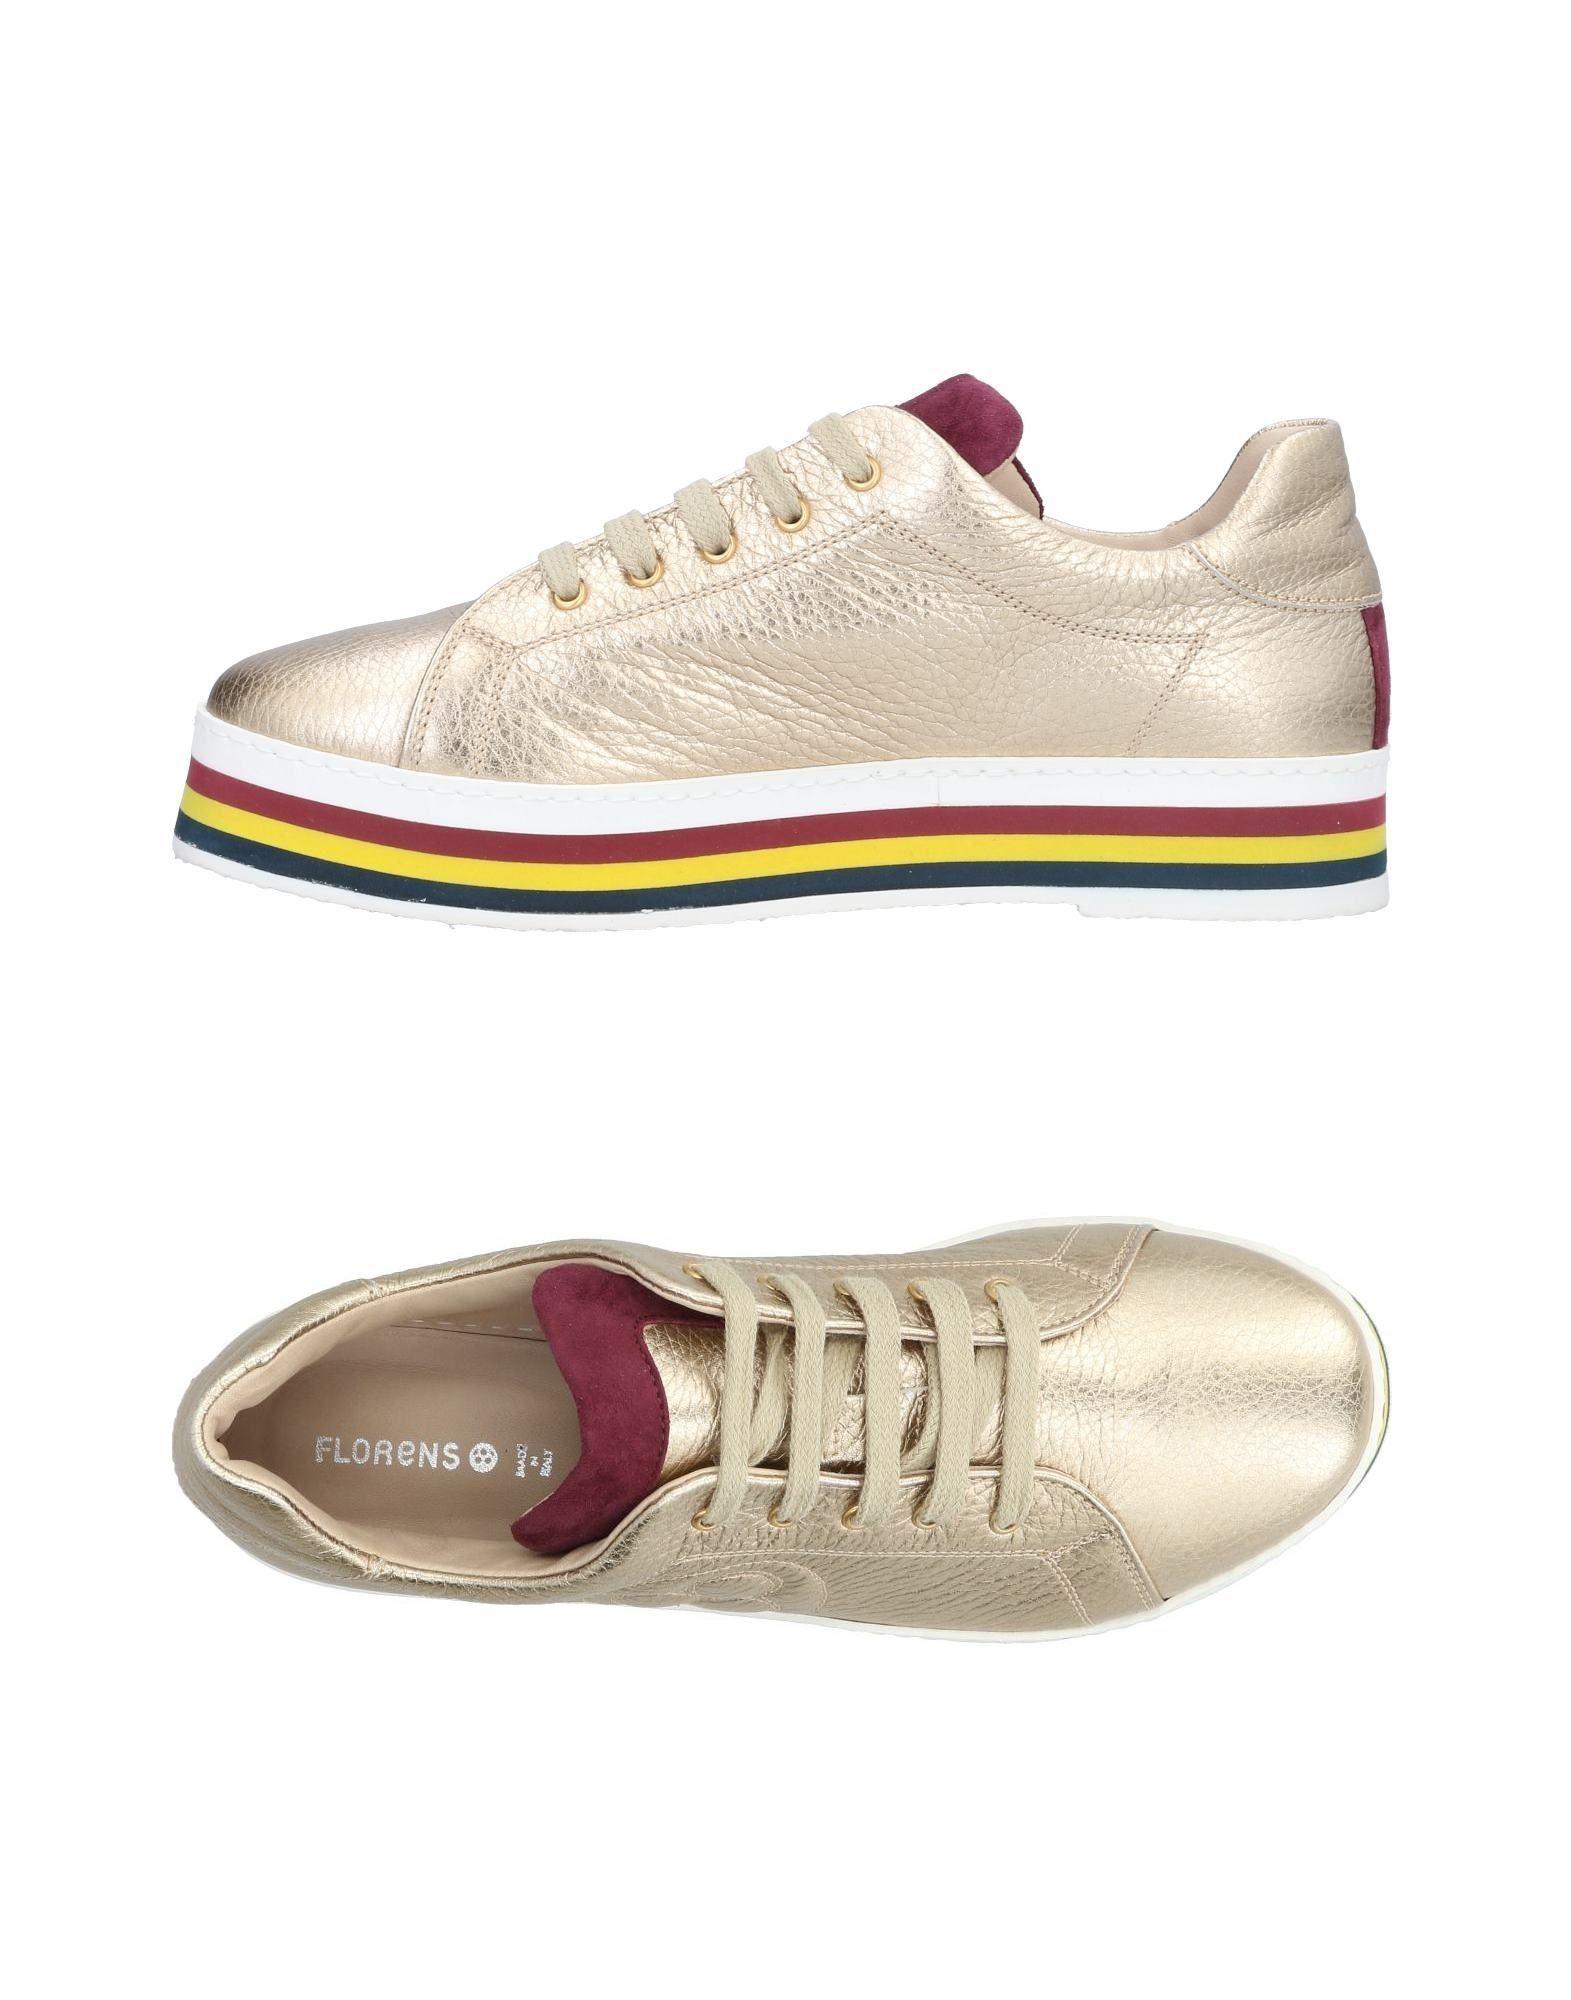 Florens Sneakers Damen  11495631MK Gute Qualität beliebte Schuhe